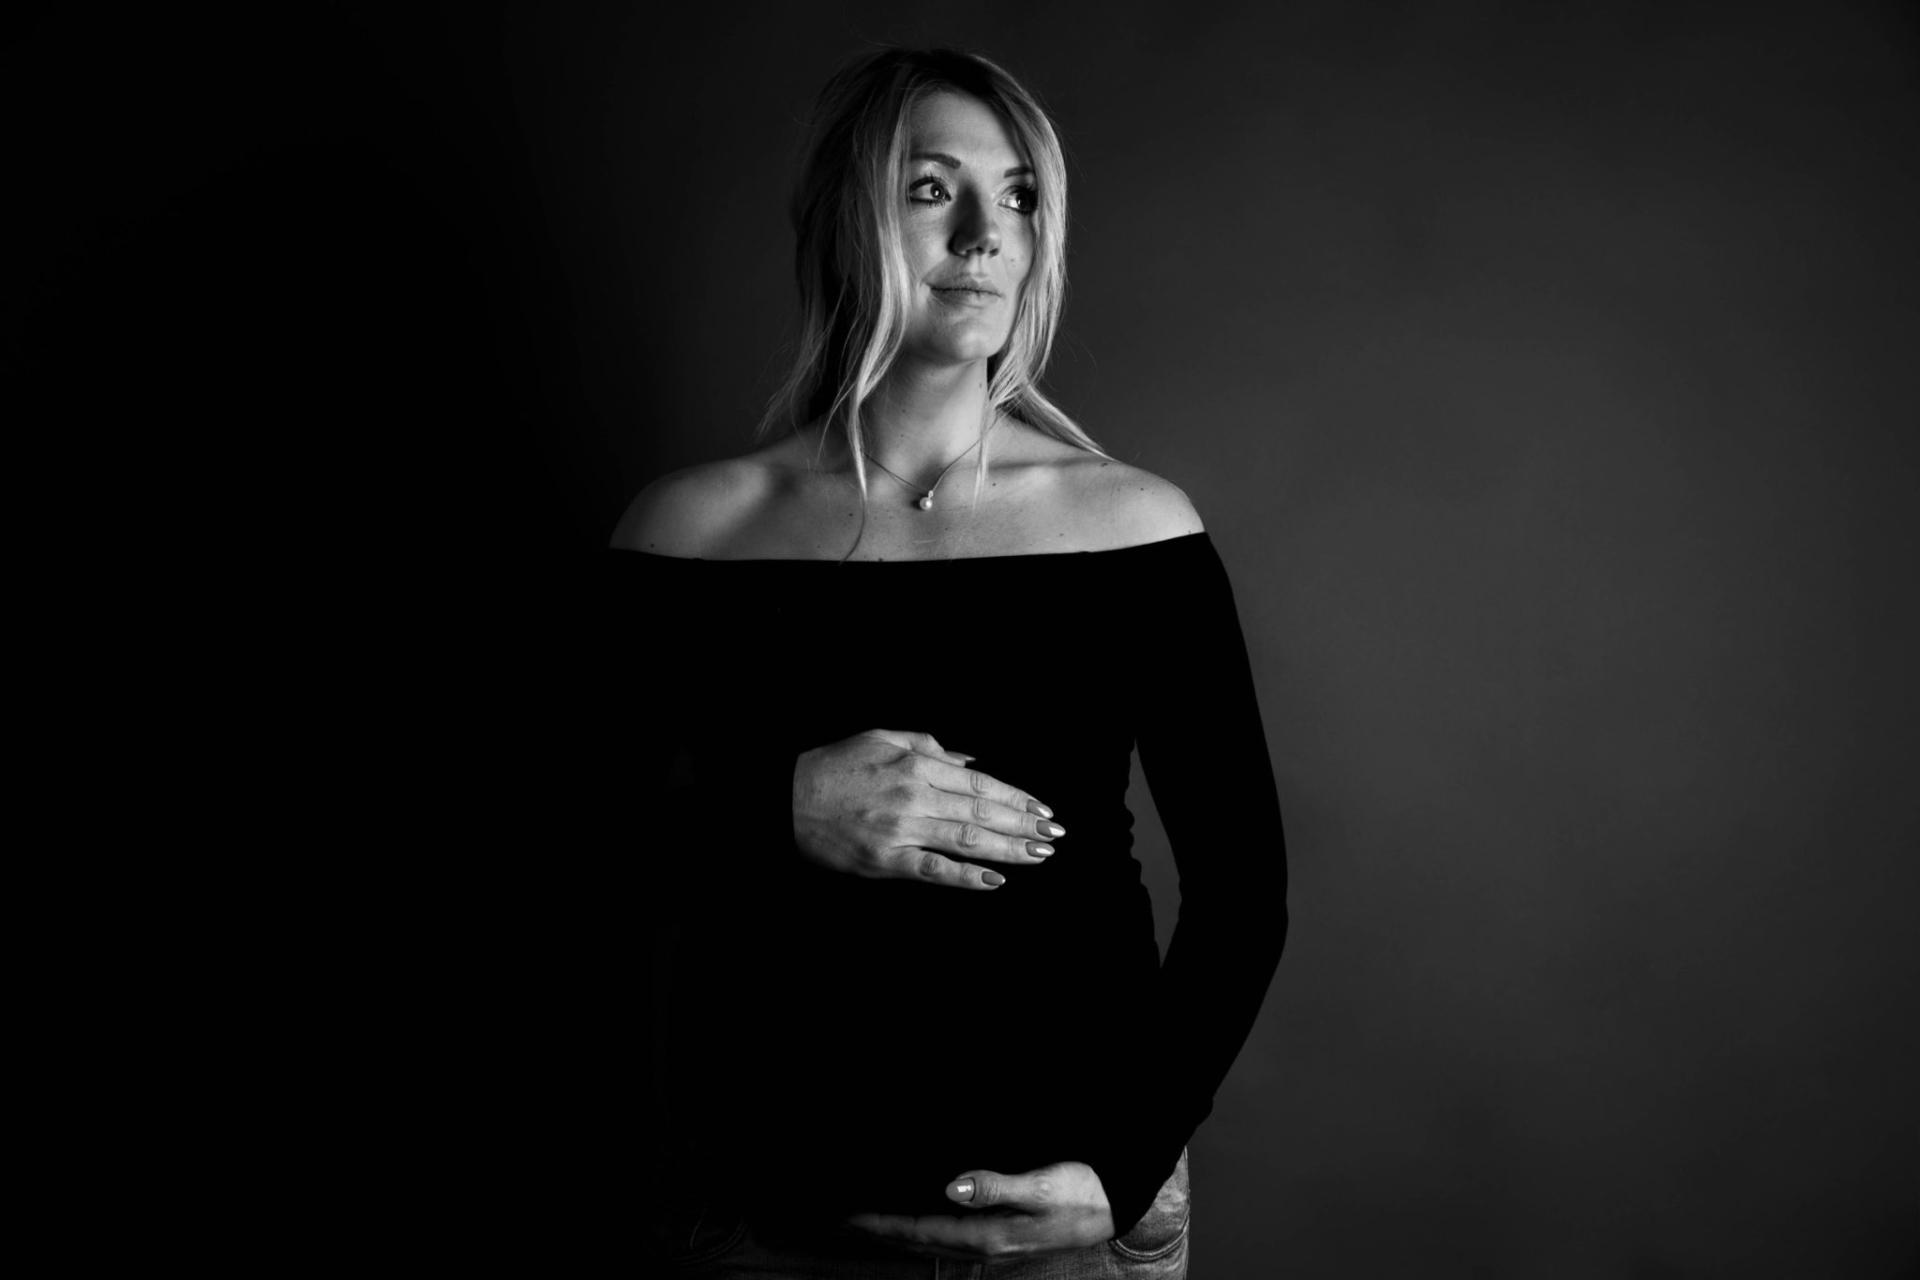 Zwangerschapsfotografie, zwangerschaps fotografie, zwangerschaps fotoshoot, zwanger, zwanger shoot, buik fotografie, zwangerschap fotografie, fotografie groningen, zwangerschap fotografie groningen, zwangerschaps fotografie Stadskanaal, fotografie stadskanaal, fotograaf stadskanaal, zwangerschap, zwanger fotografie, zwanger fotografie studio, zwangerschap fotografie mussel, zwangerschap fotograaf mussel, zwangerschap fotografie studio, zwangerschap fotografie studio mussel, studio fotograaf, studio fotografie, zwangerschap fotoshoot studio